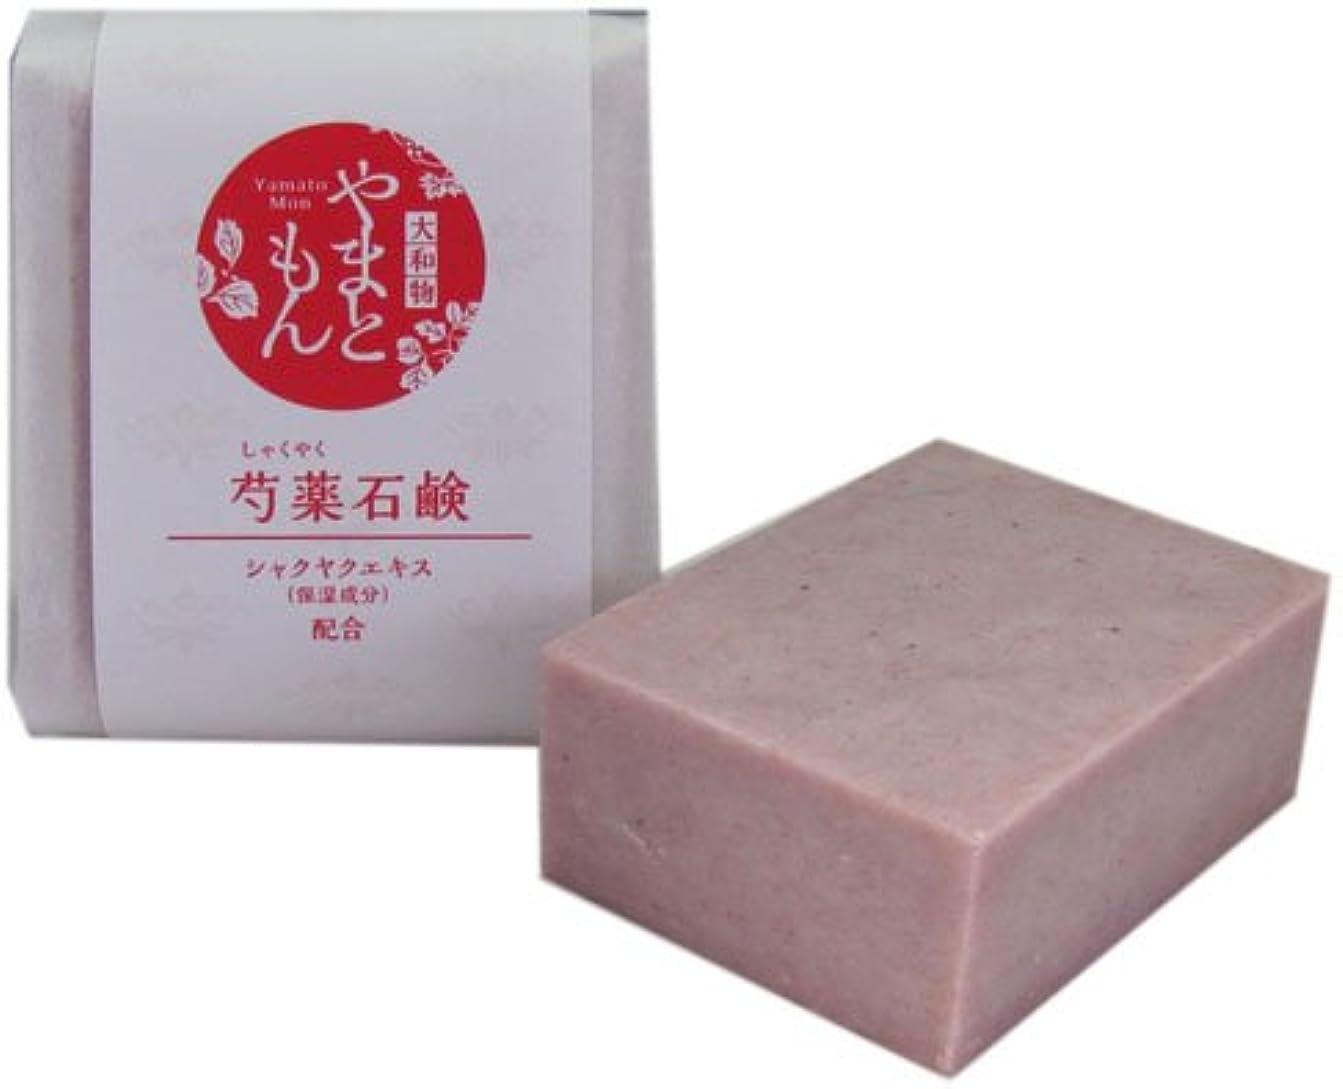 参照する結婚したデモンストレーション奈良産和漢生薬エキス使用やまともん化粧品 芍薬石鹸(しゃくやくせっけん)